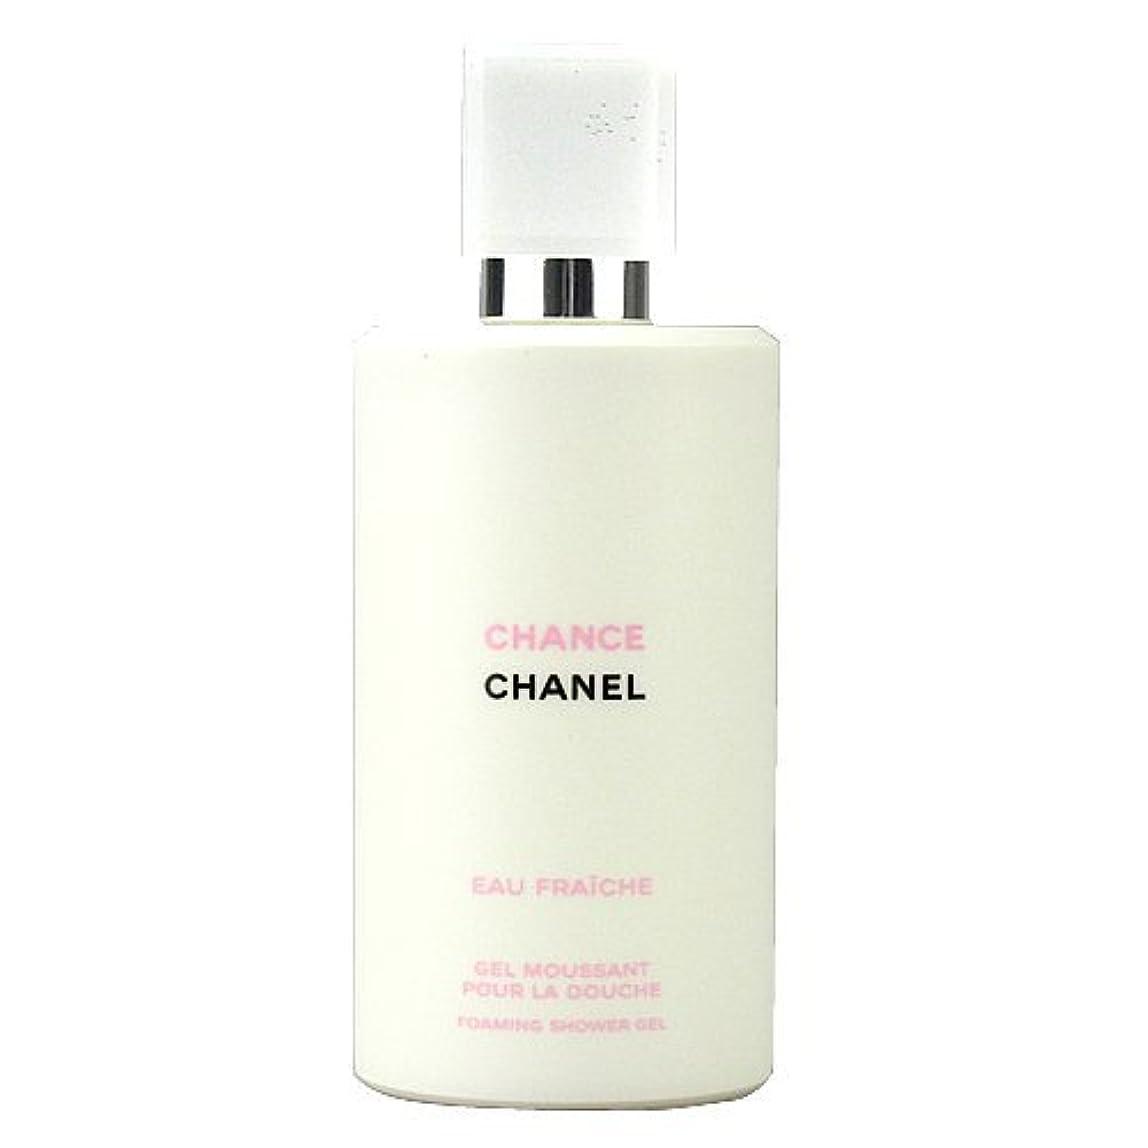 コンテンポラリー受け入れるヨーロッパシャネル CHANEL チャンス オー フレッシュ シャワー ジェル 200ml